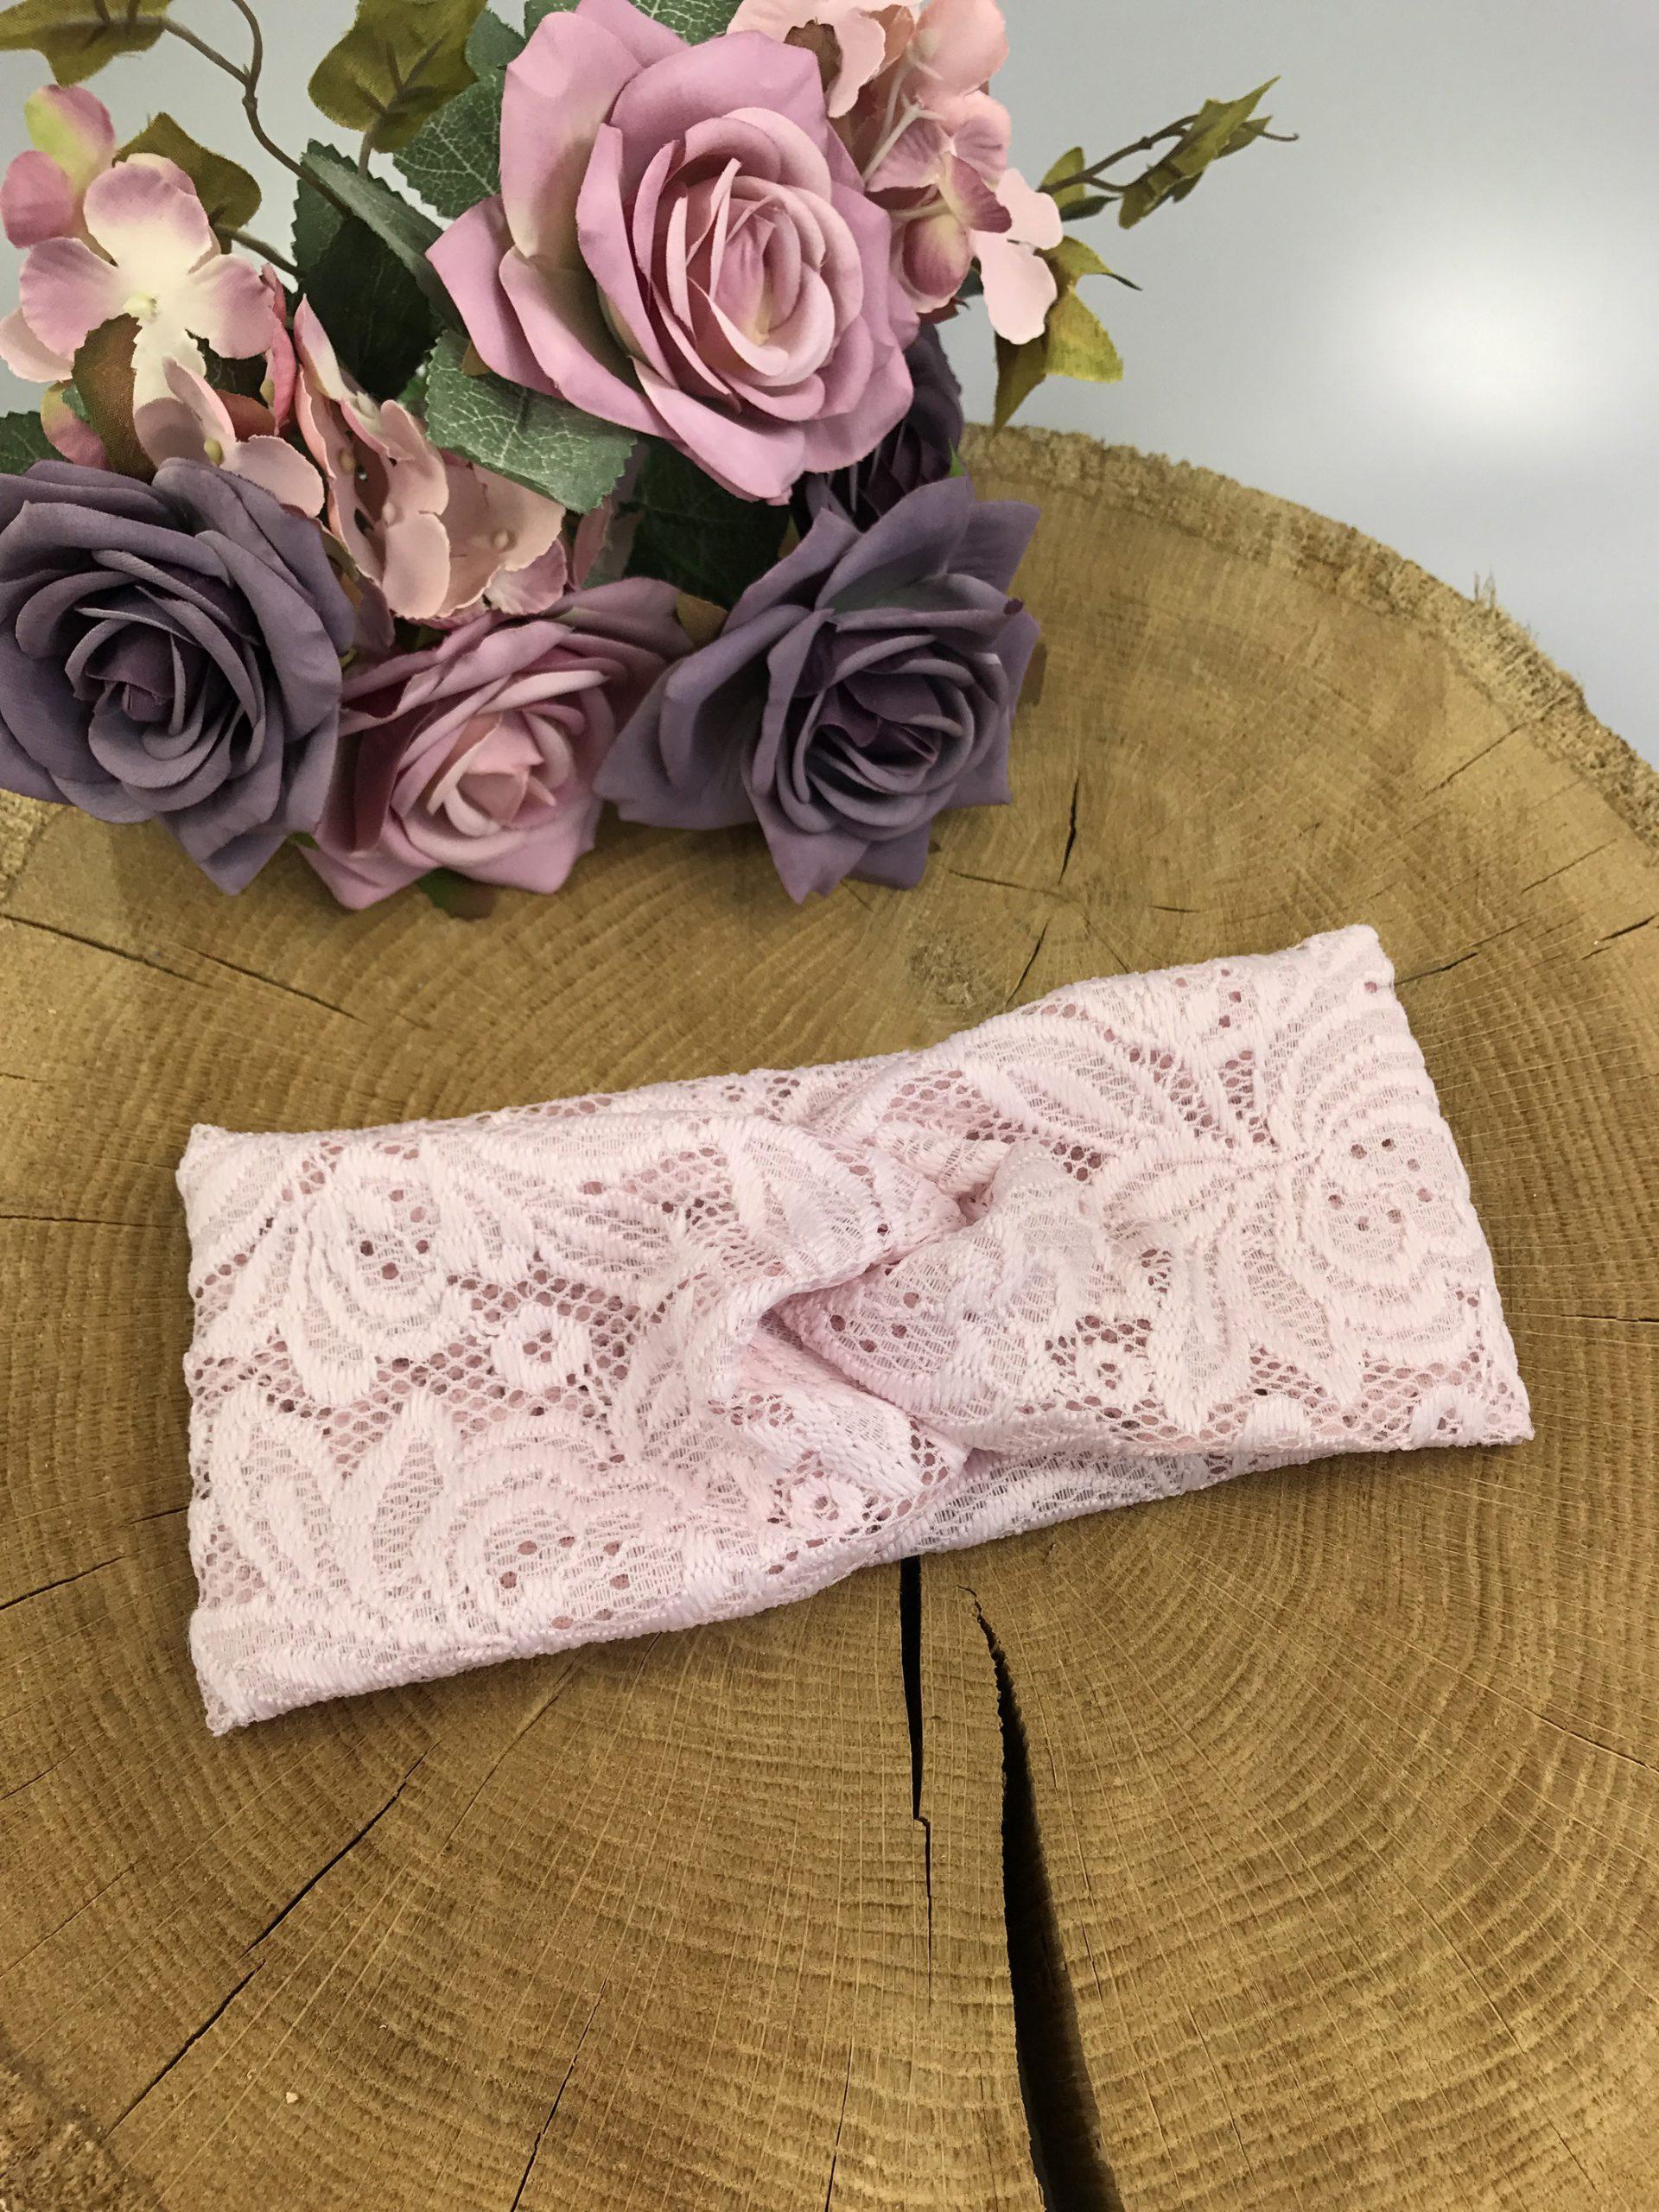 Opaska Dziecięca TWIST z koronki - Kolor pudrowy róż